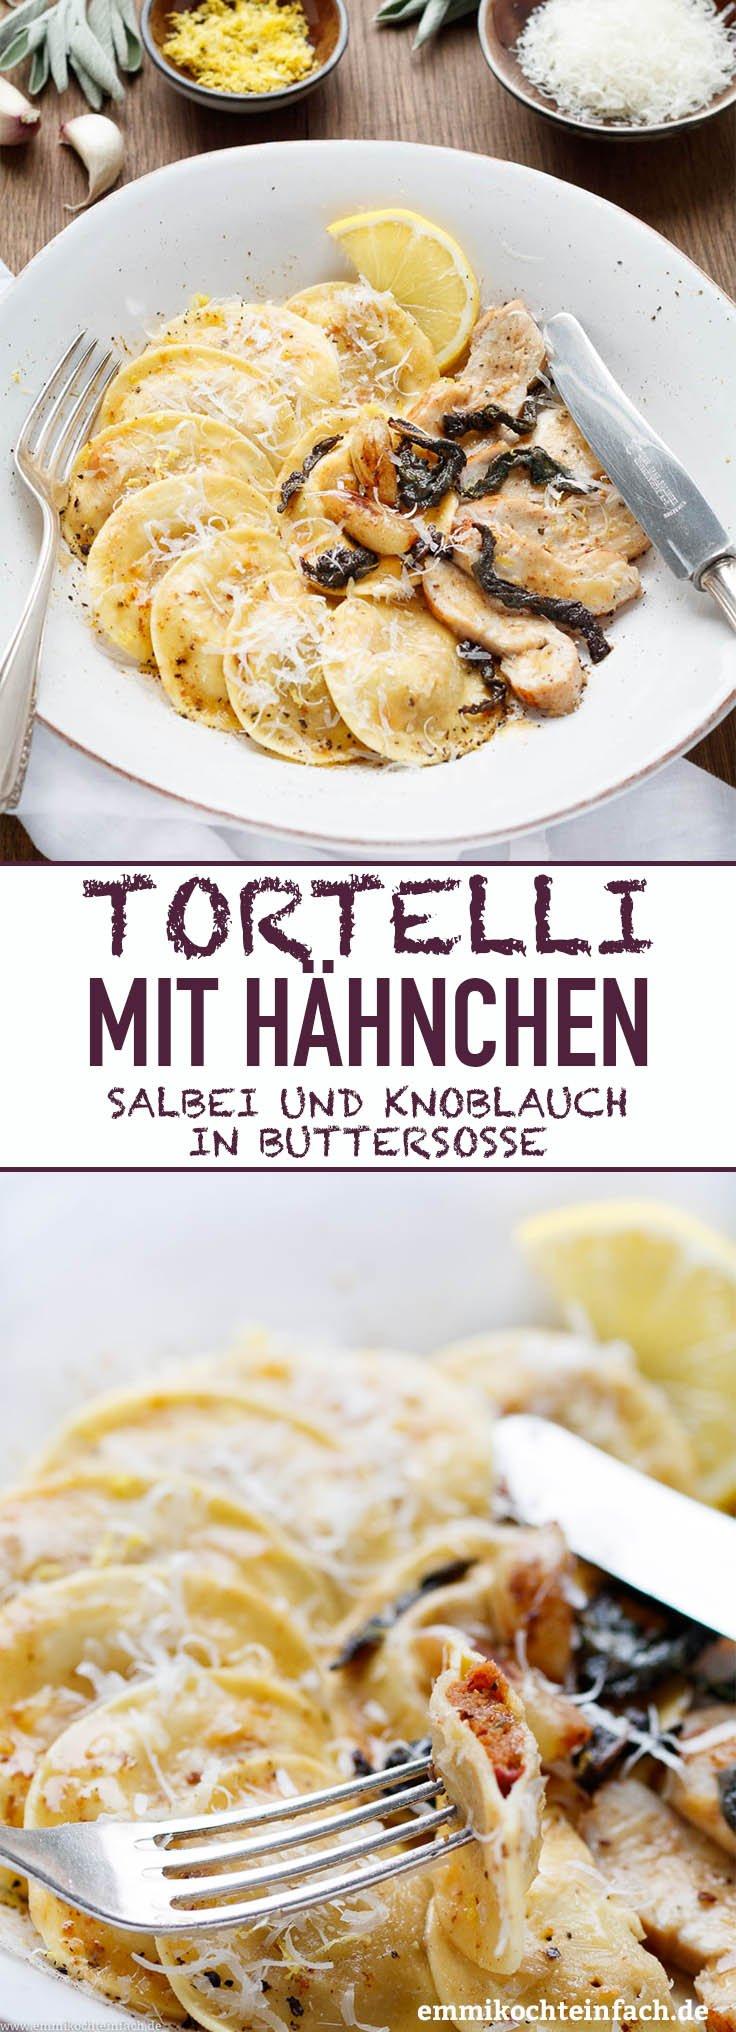 Tortelli mit Hähnchen, Salbei und Knoblauch - www.emmikochteinfach.de